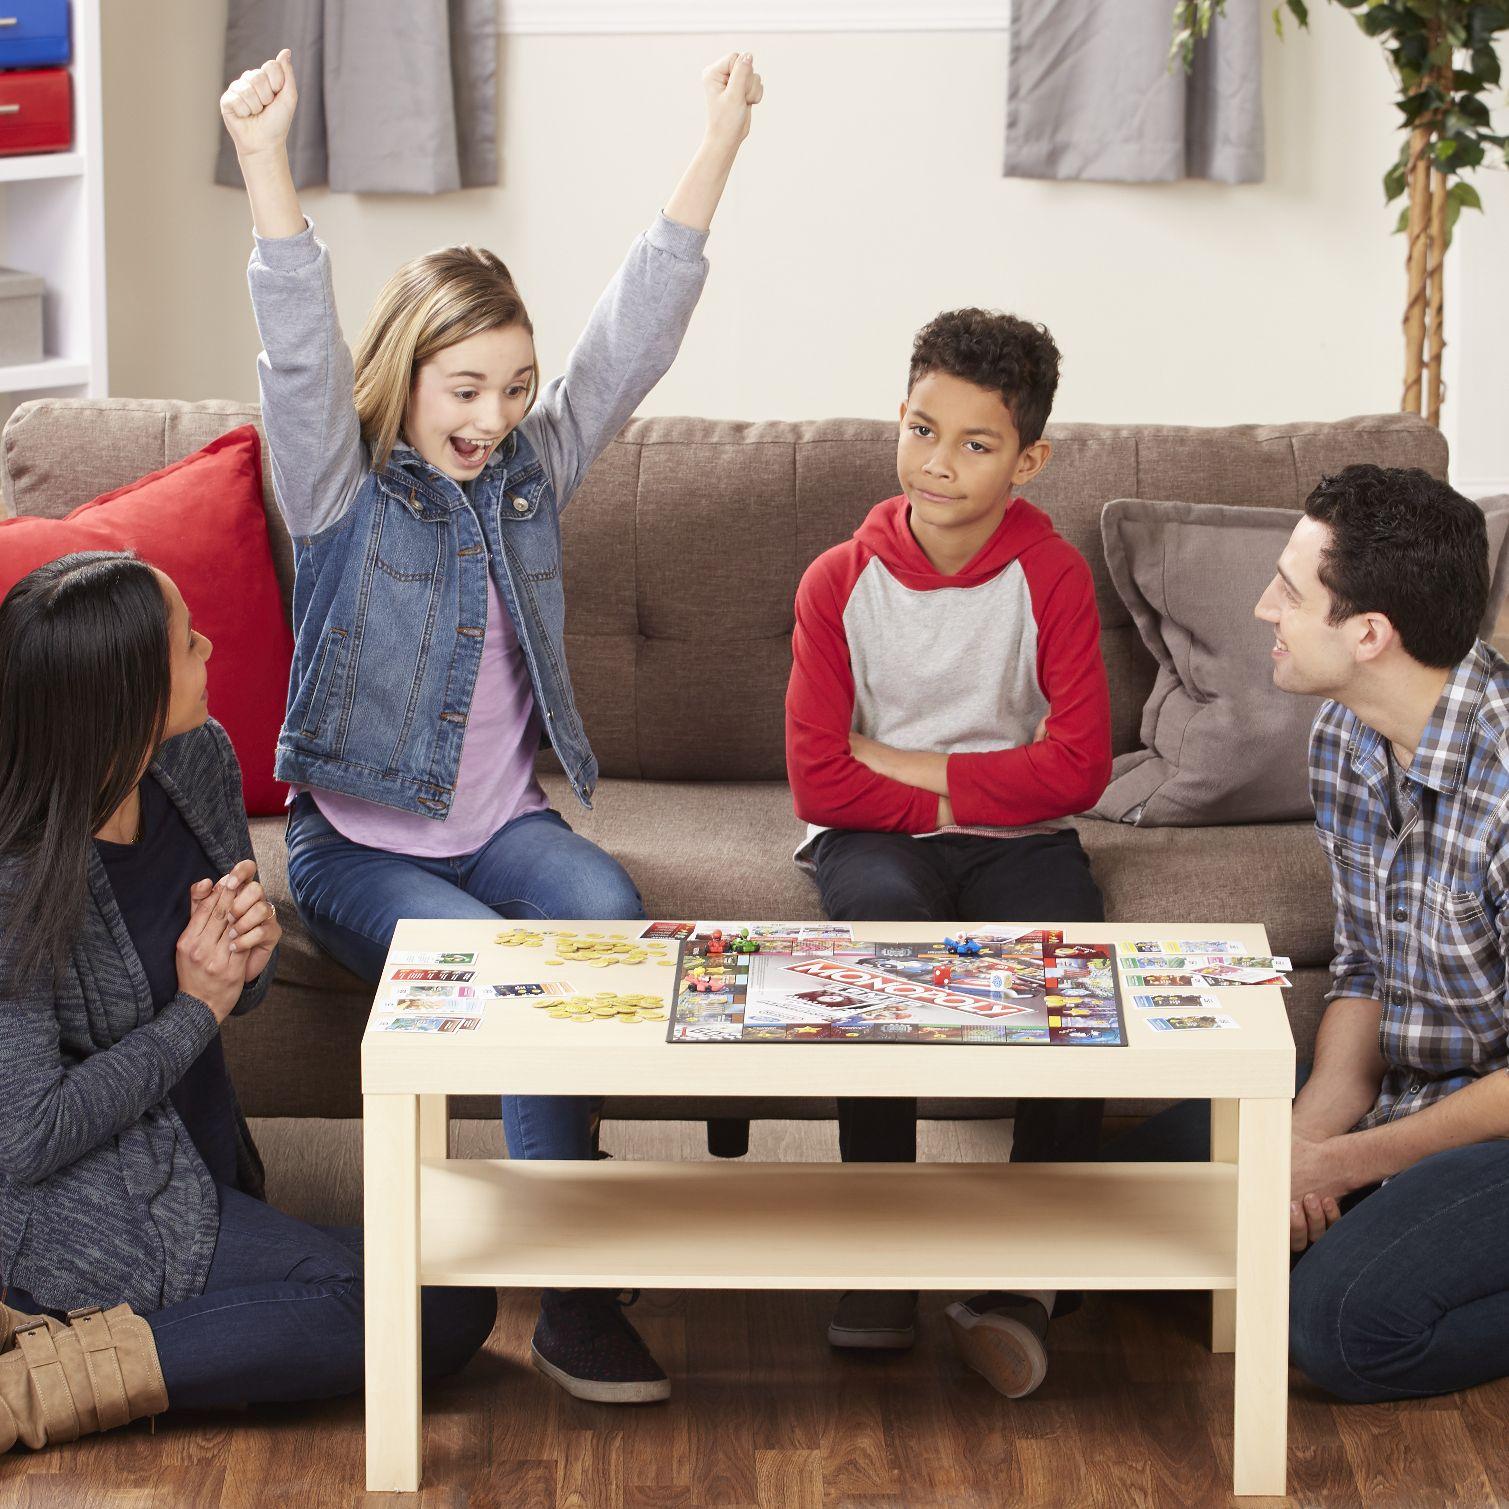 bordspellen-spelen-met-familie-en-vrienden